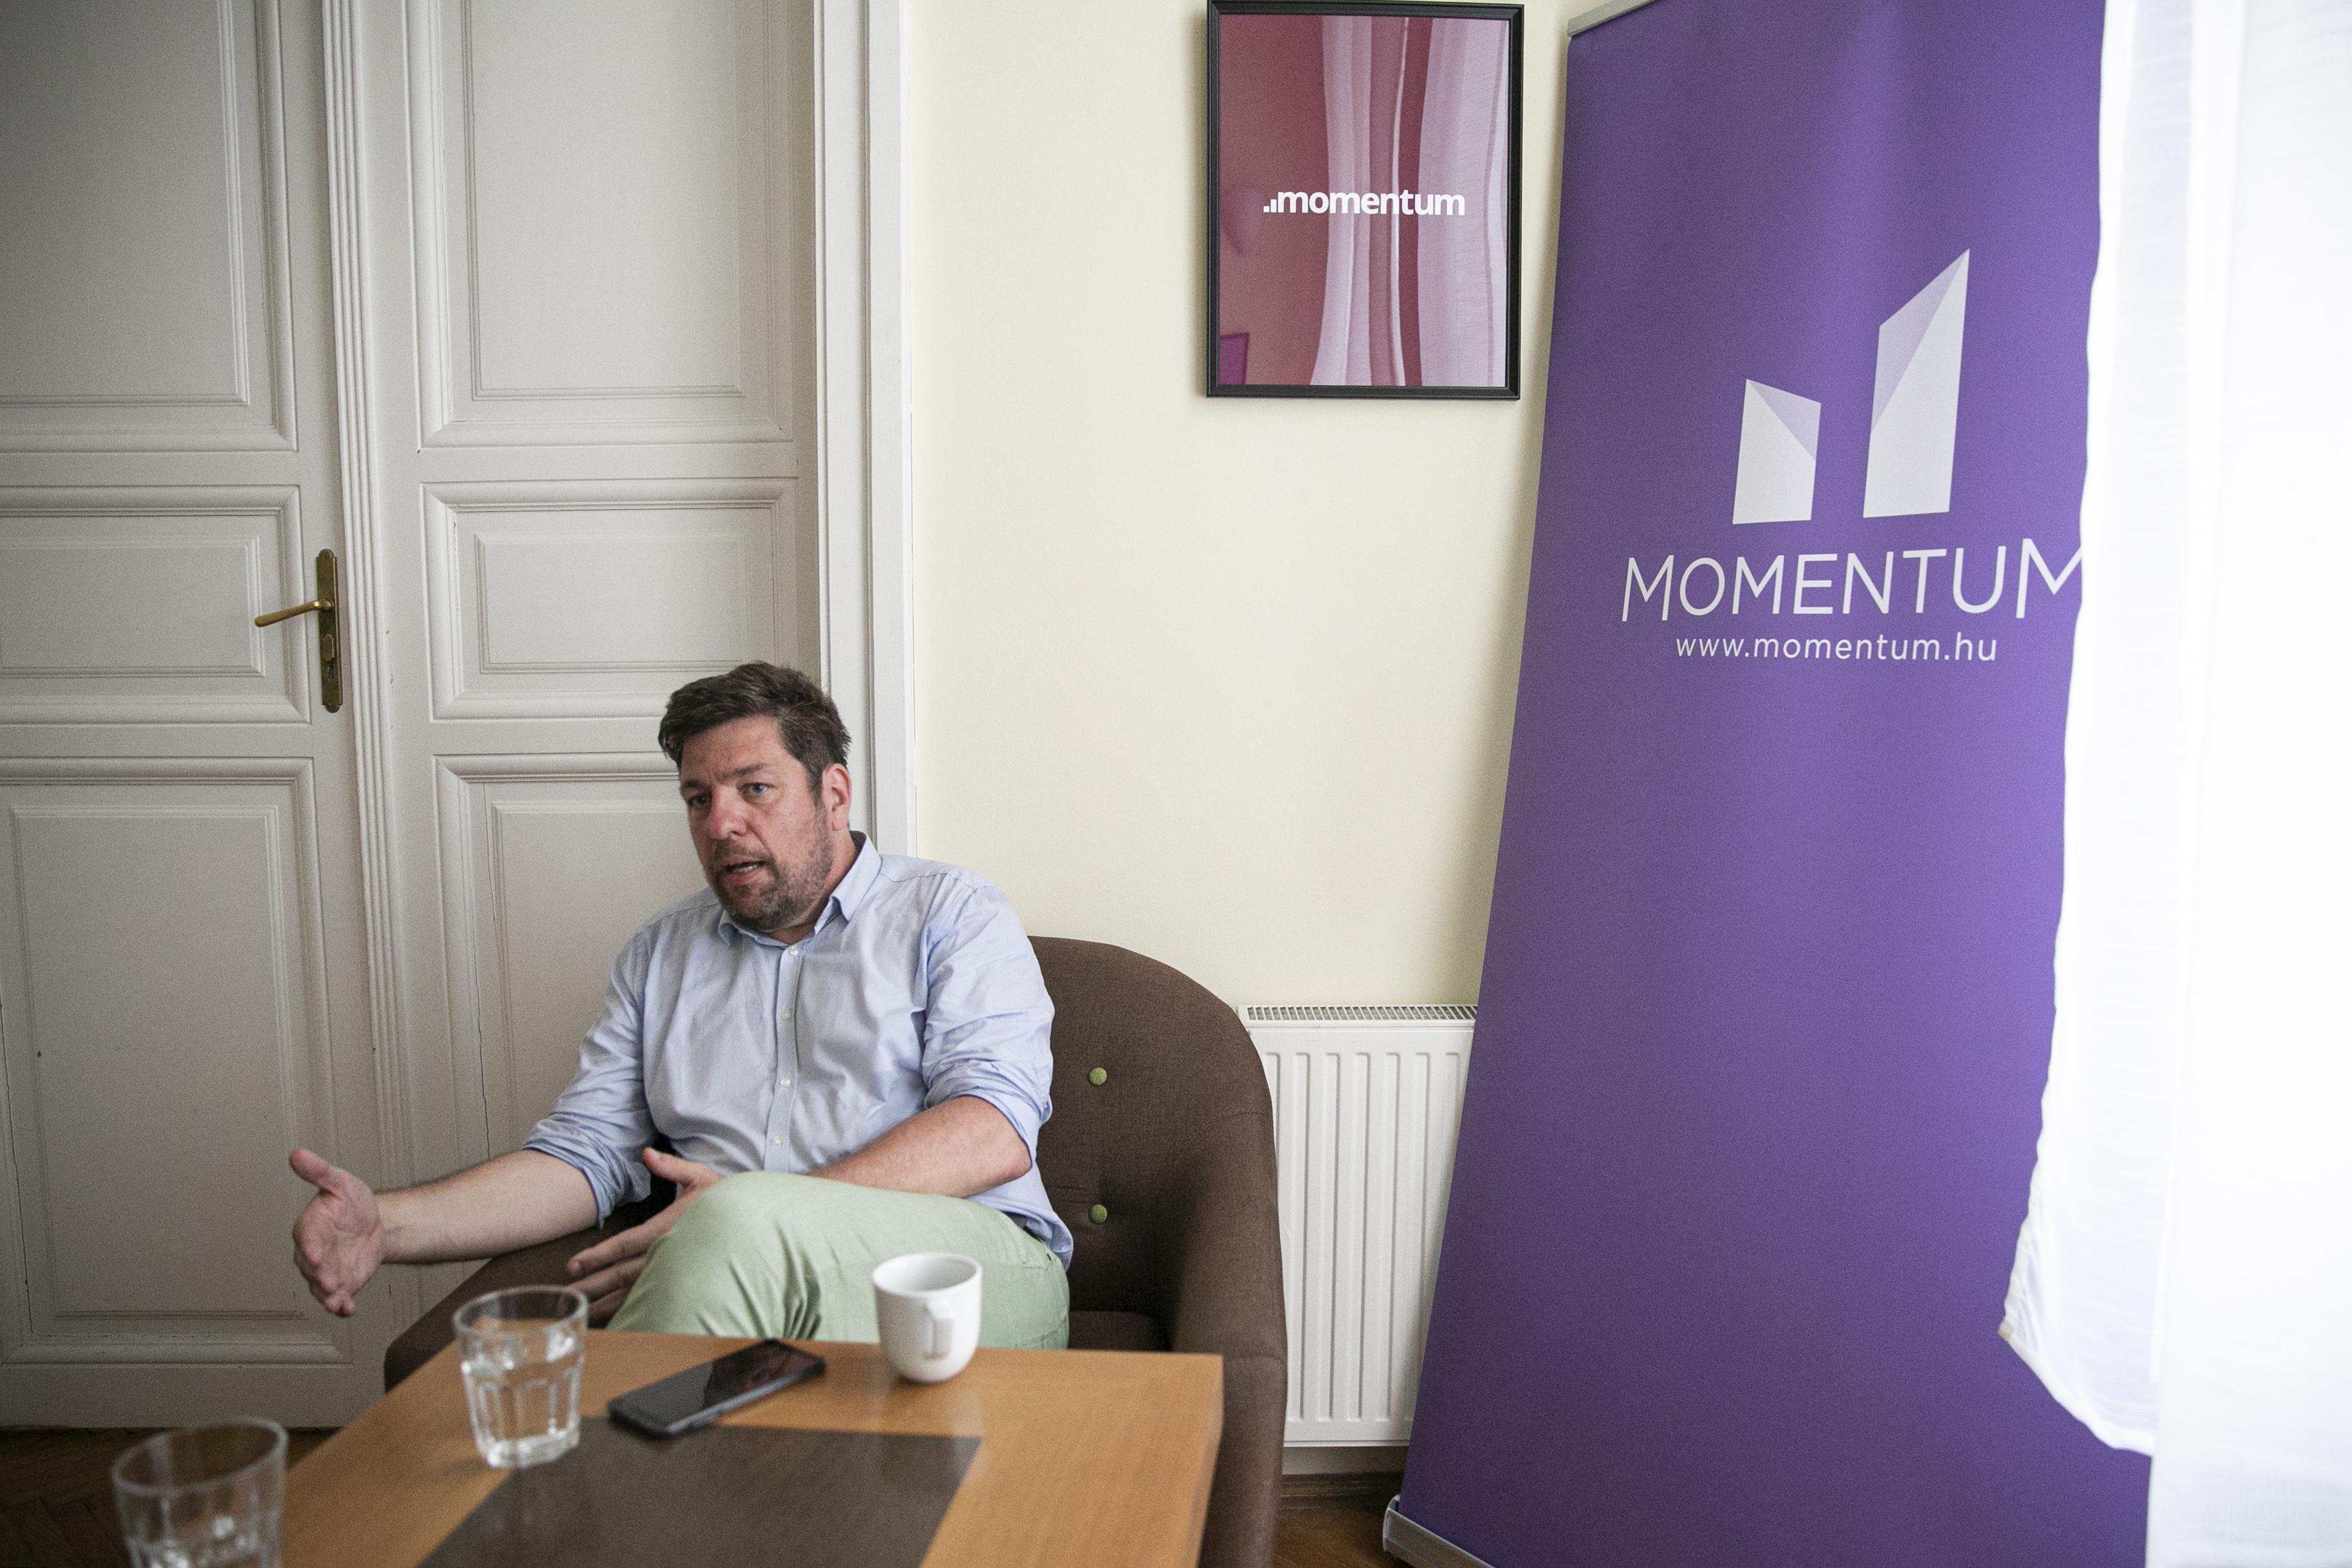 Egy ellenzéki főpolgármesternek egy kicsit nehezebb lesz, de Tarlós István sem tudta érvényesíteni Budapest érdekeit